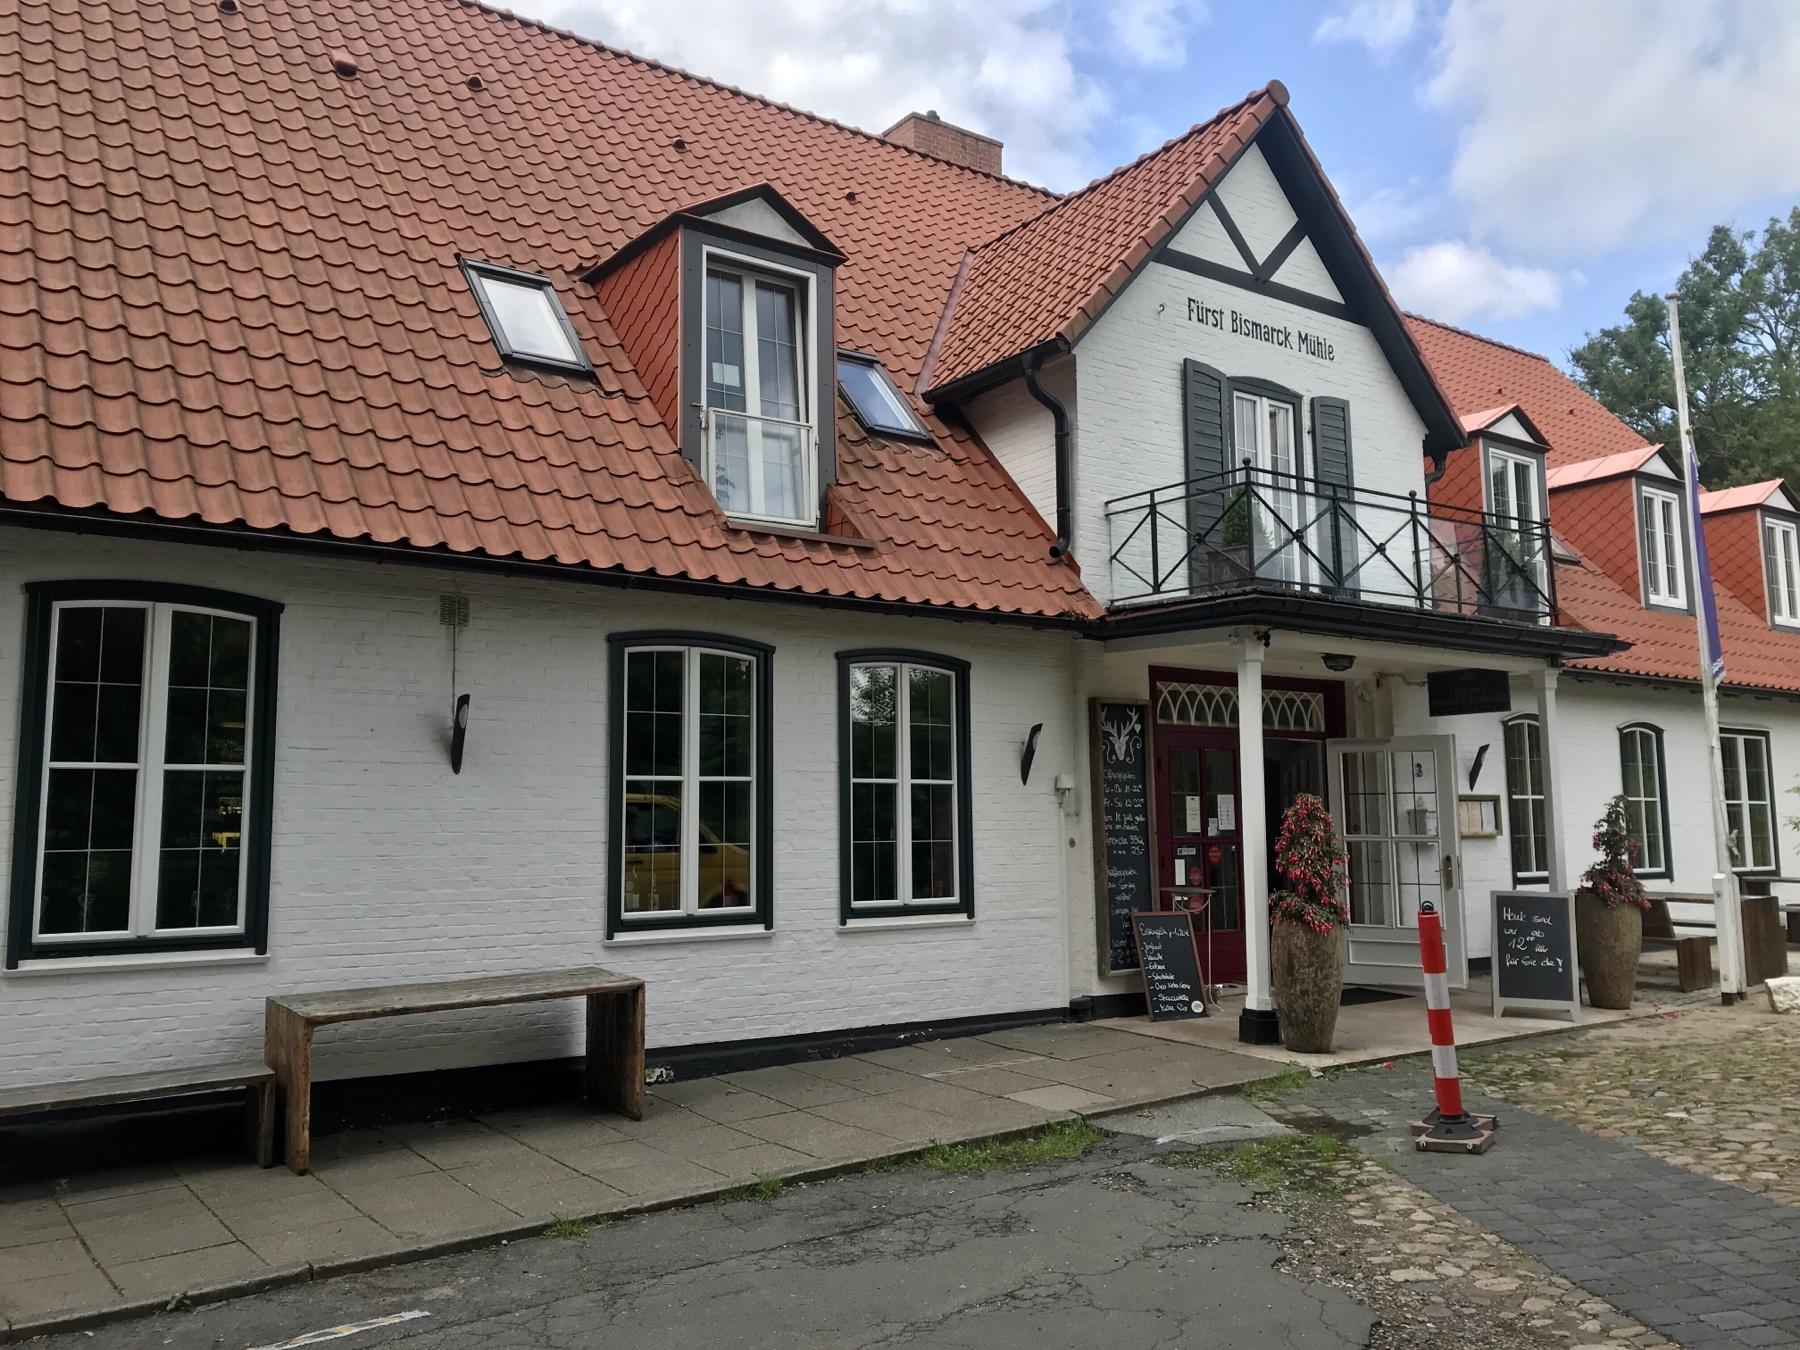 Die Bismarck Mühle in Aumühle Stormarnweg Etappe 1 Reinbek Großensee